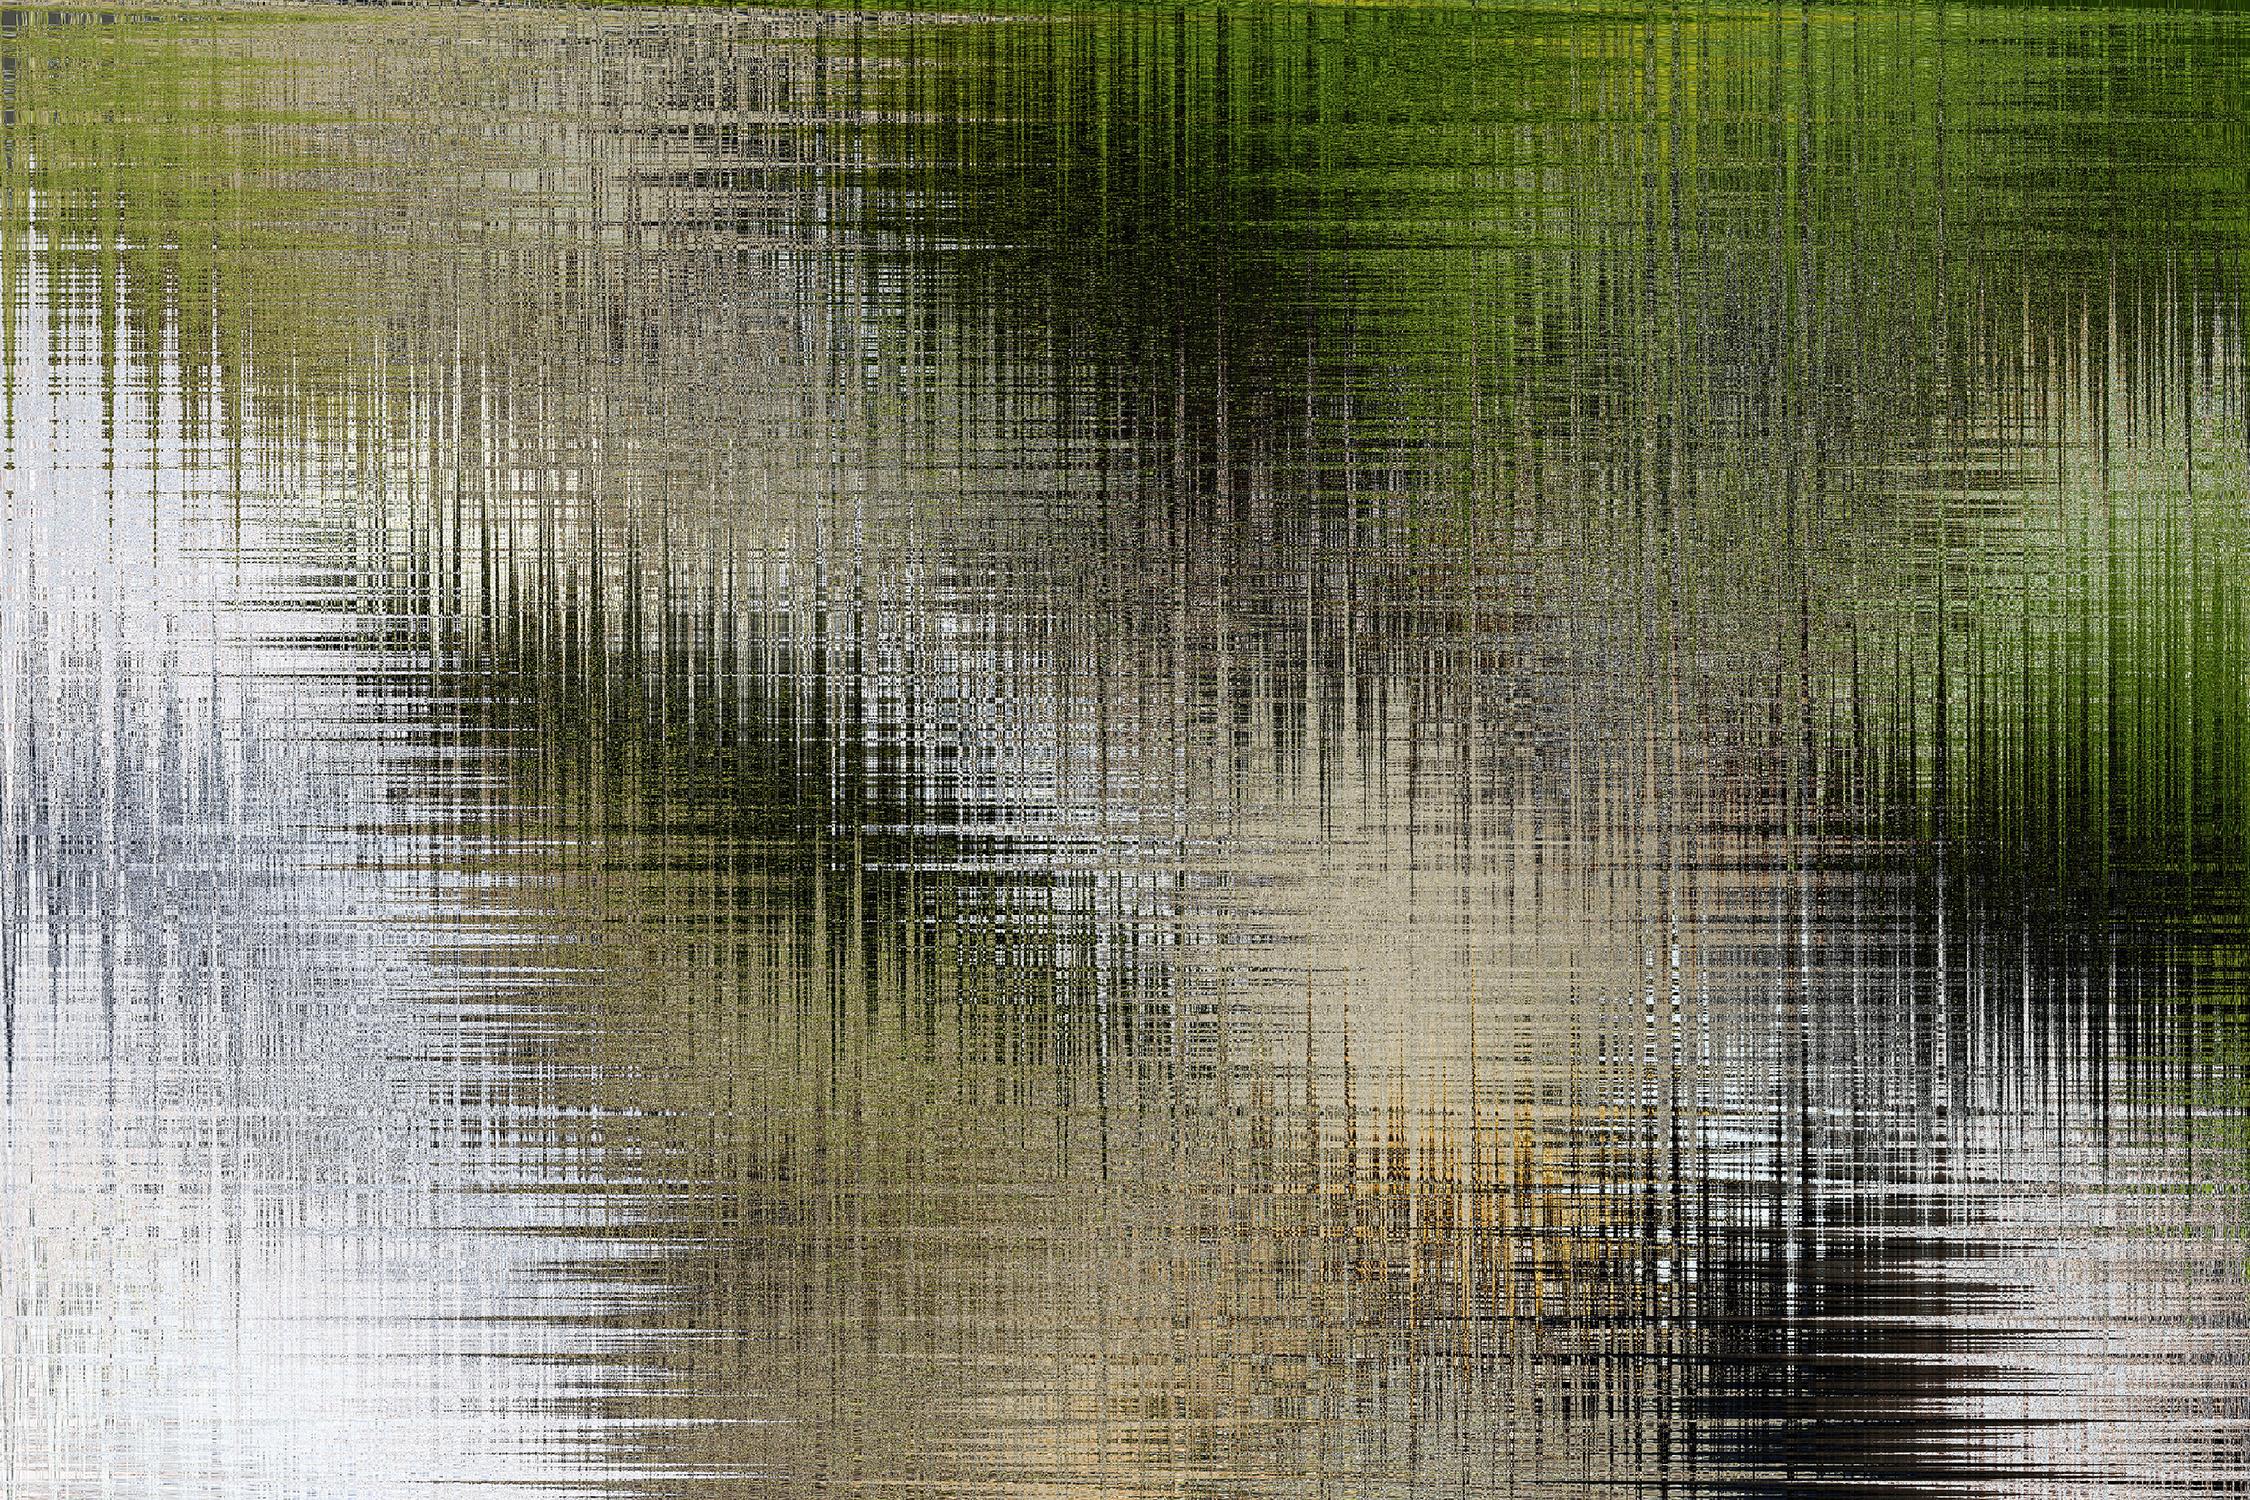 Wetland (2018)